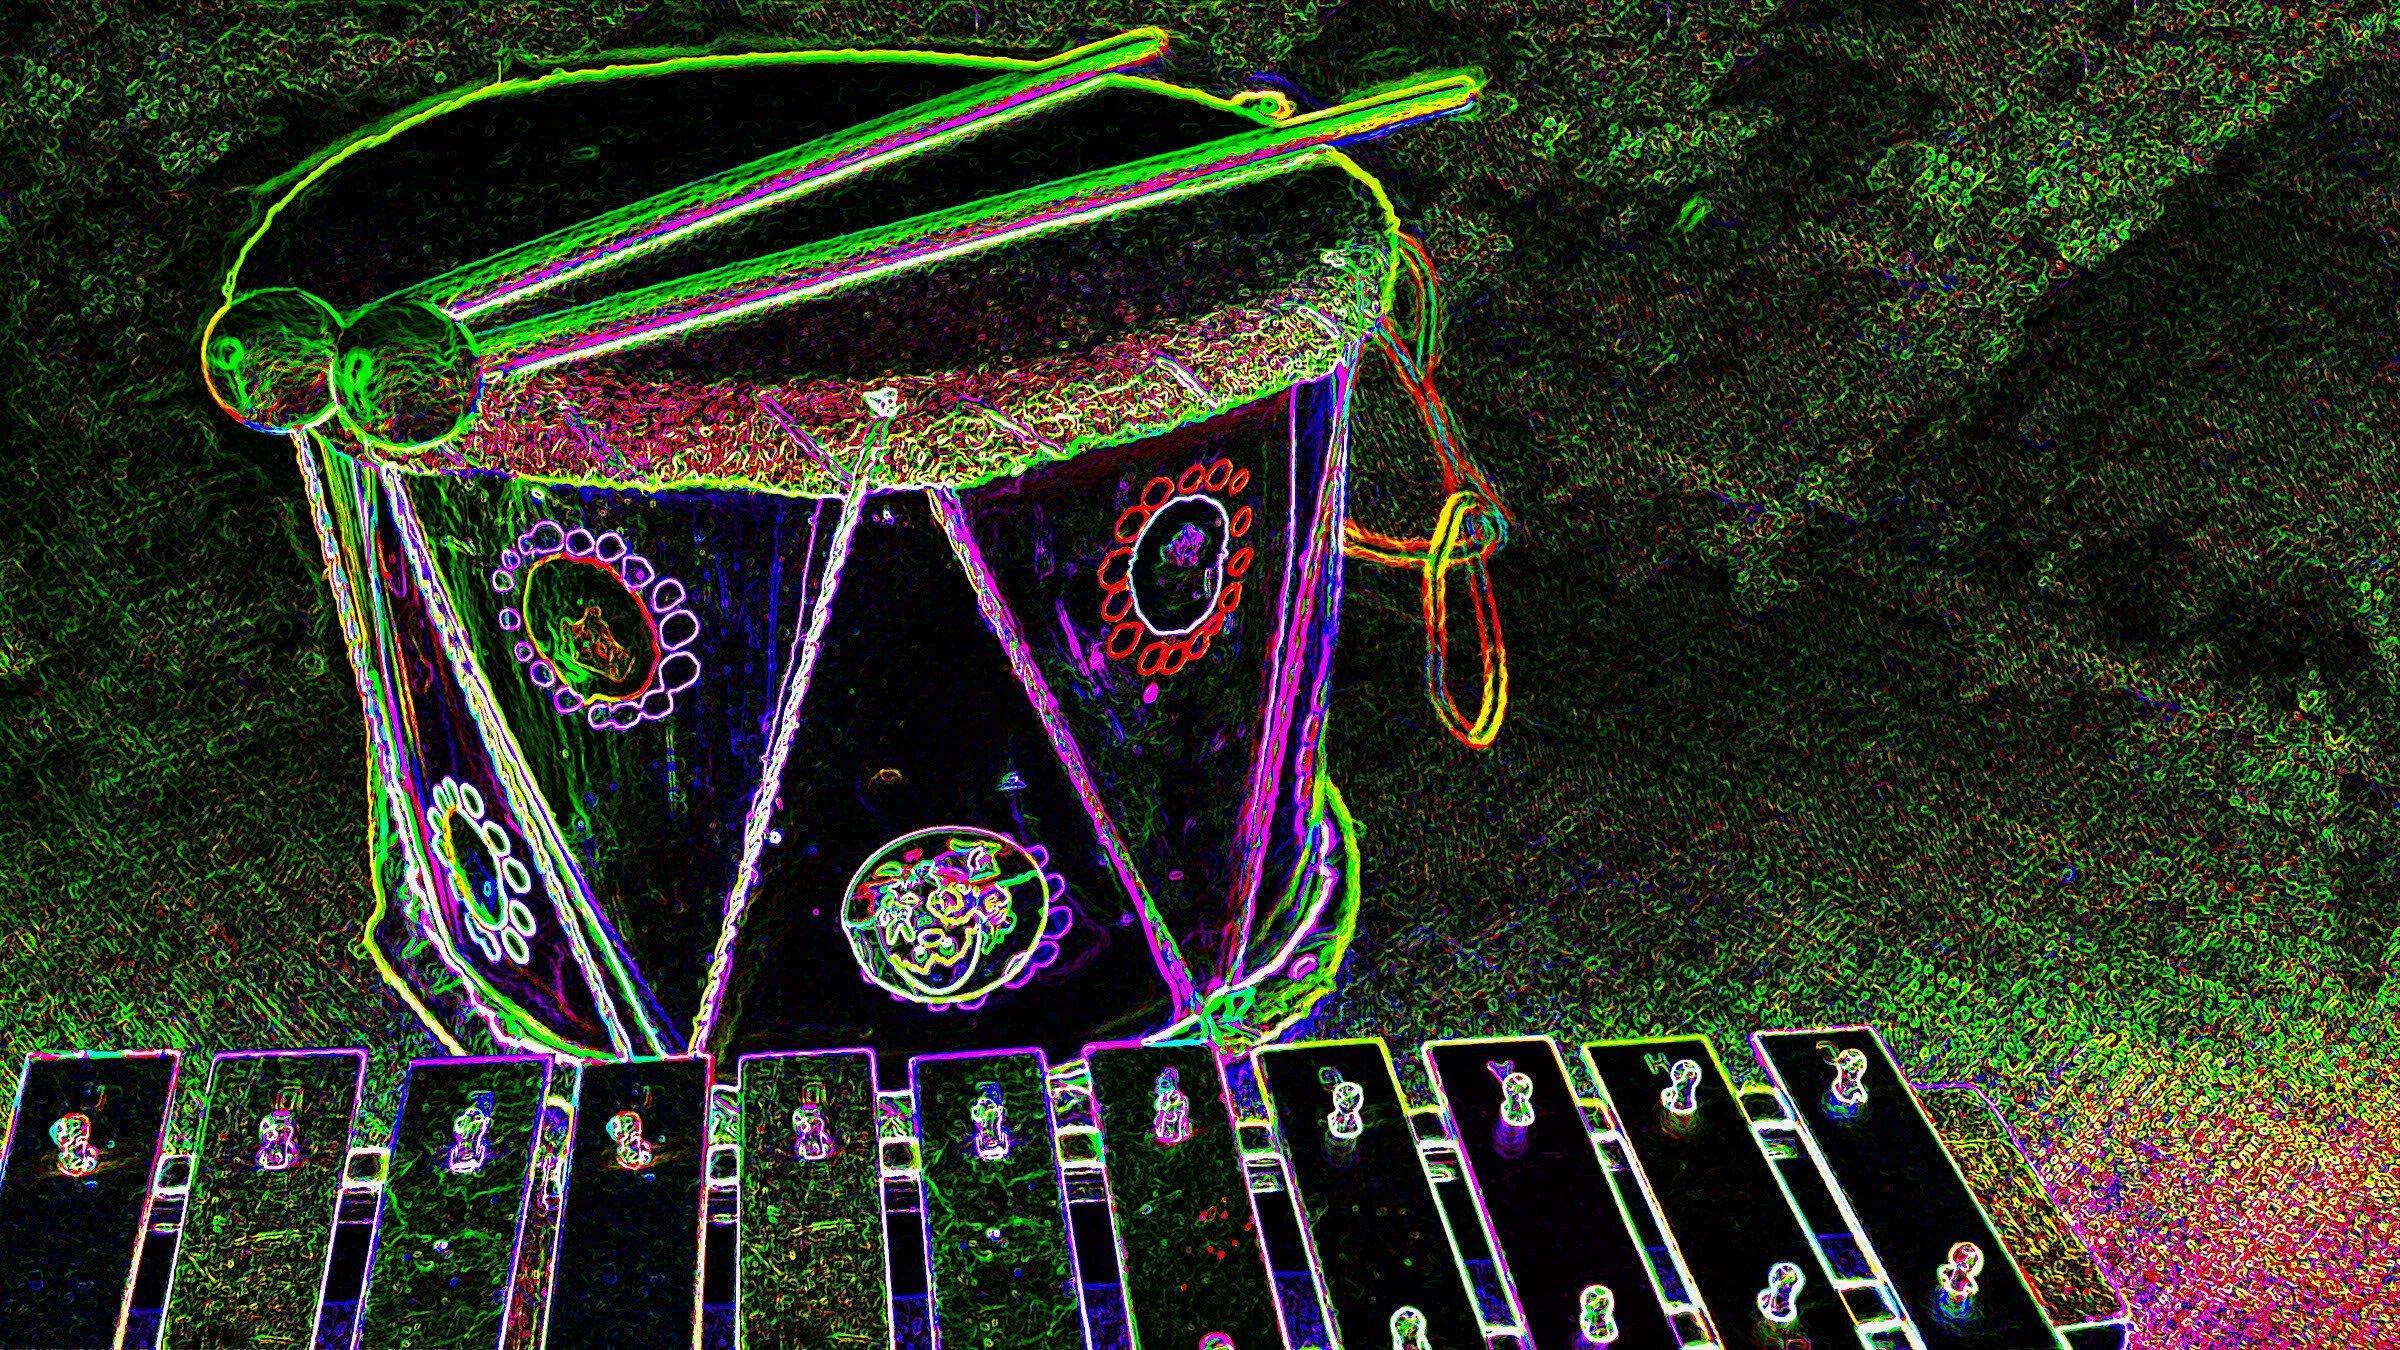 Stark verfremdete Aufnahme einer Trommel zusammen mit einem Glockenspiel. Ein Filter hat die Konturen auf dem Bild wie mit vielfarbigem Neonlicht verstärkt. Text dazu: Die Grundzüge von Rhythmus und Melodie lassen sich auch schon mit einfachen Instrumenten spielen.